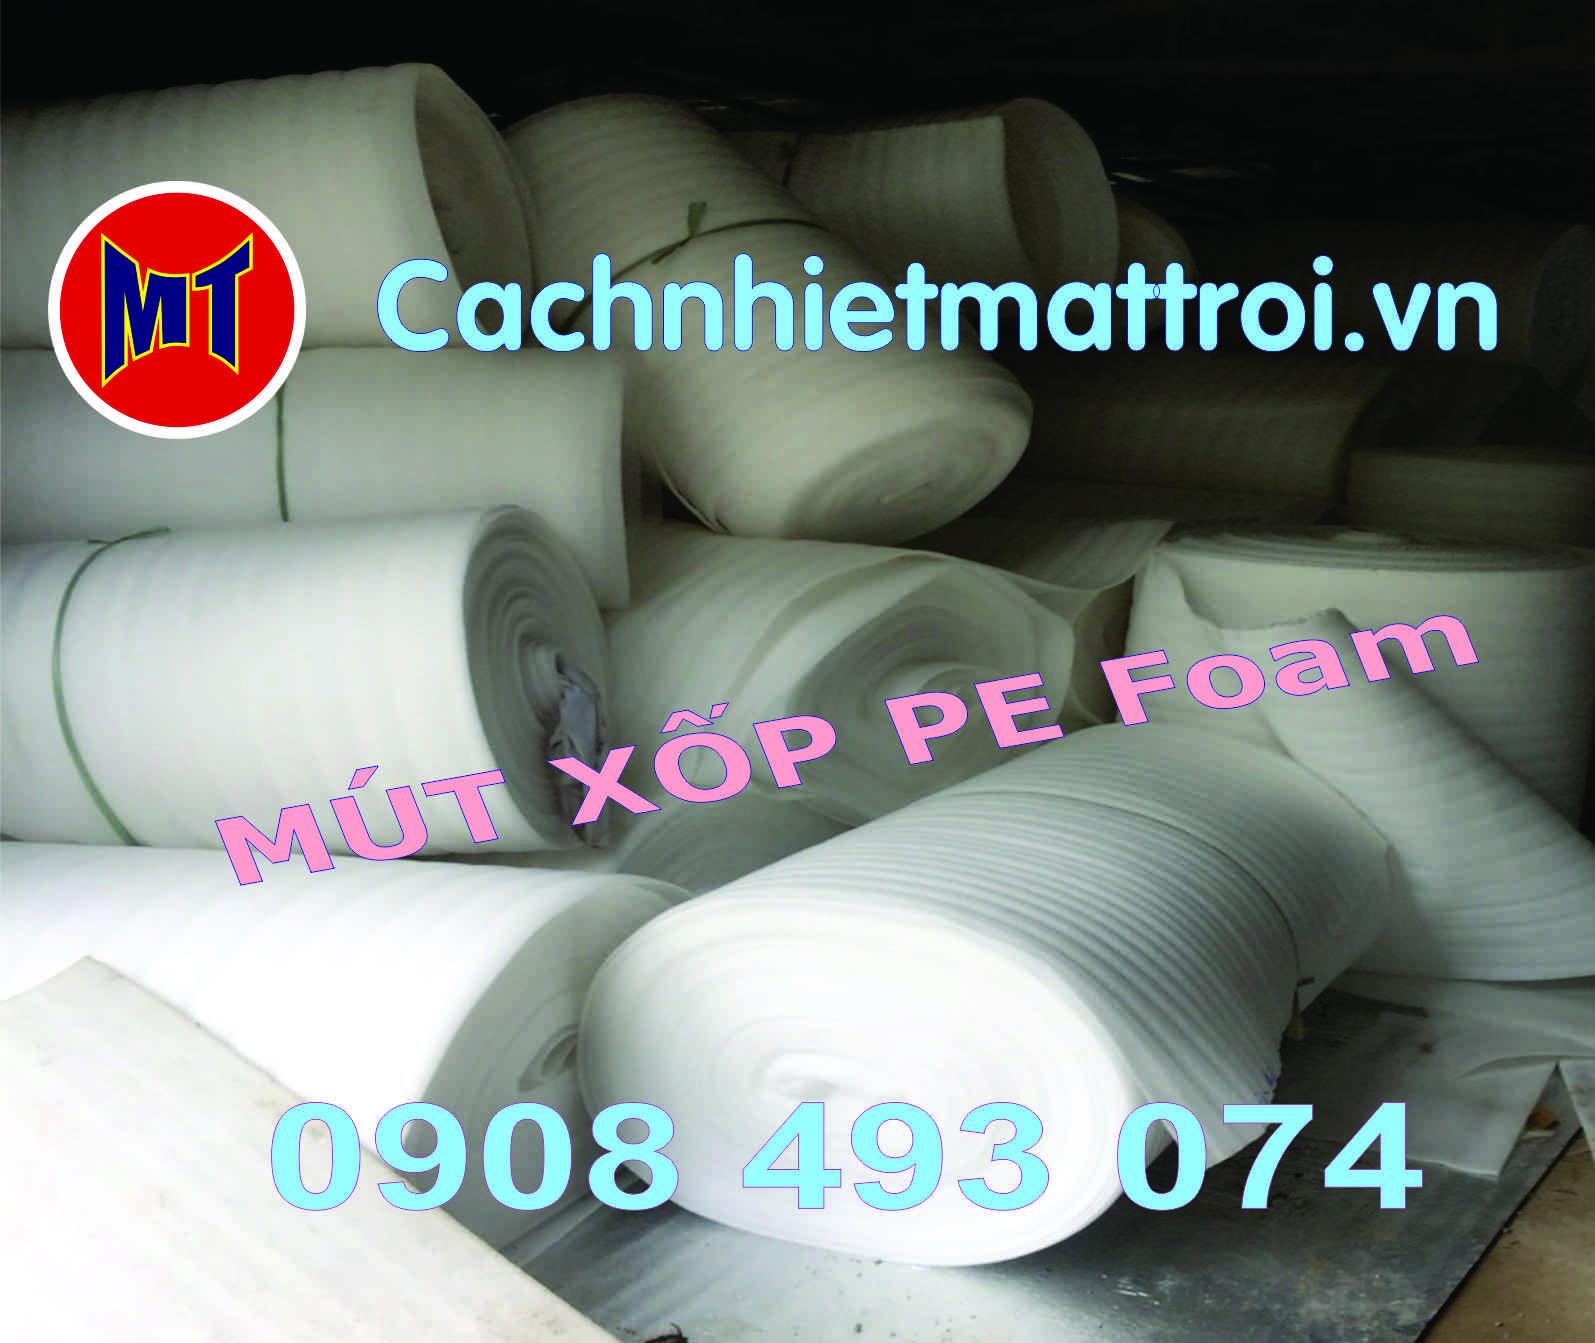 hình ảnh sản phẩm Màng PE foam đóng gói hàng dày 1mm - 1T